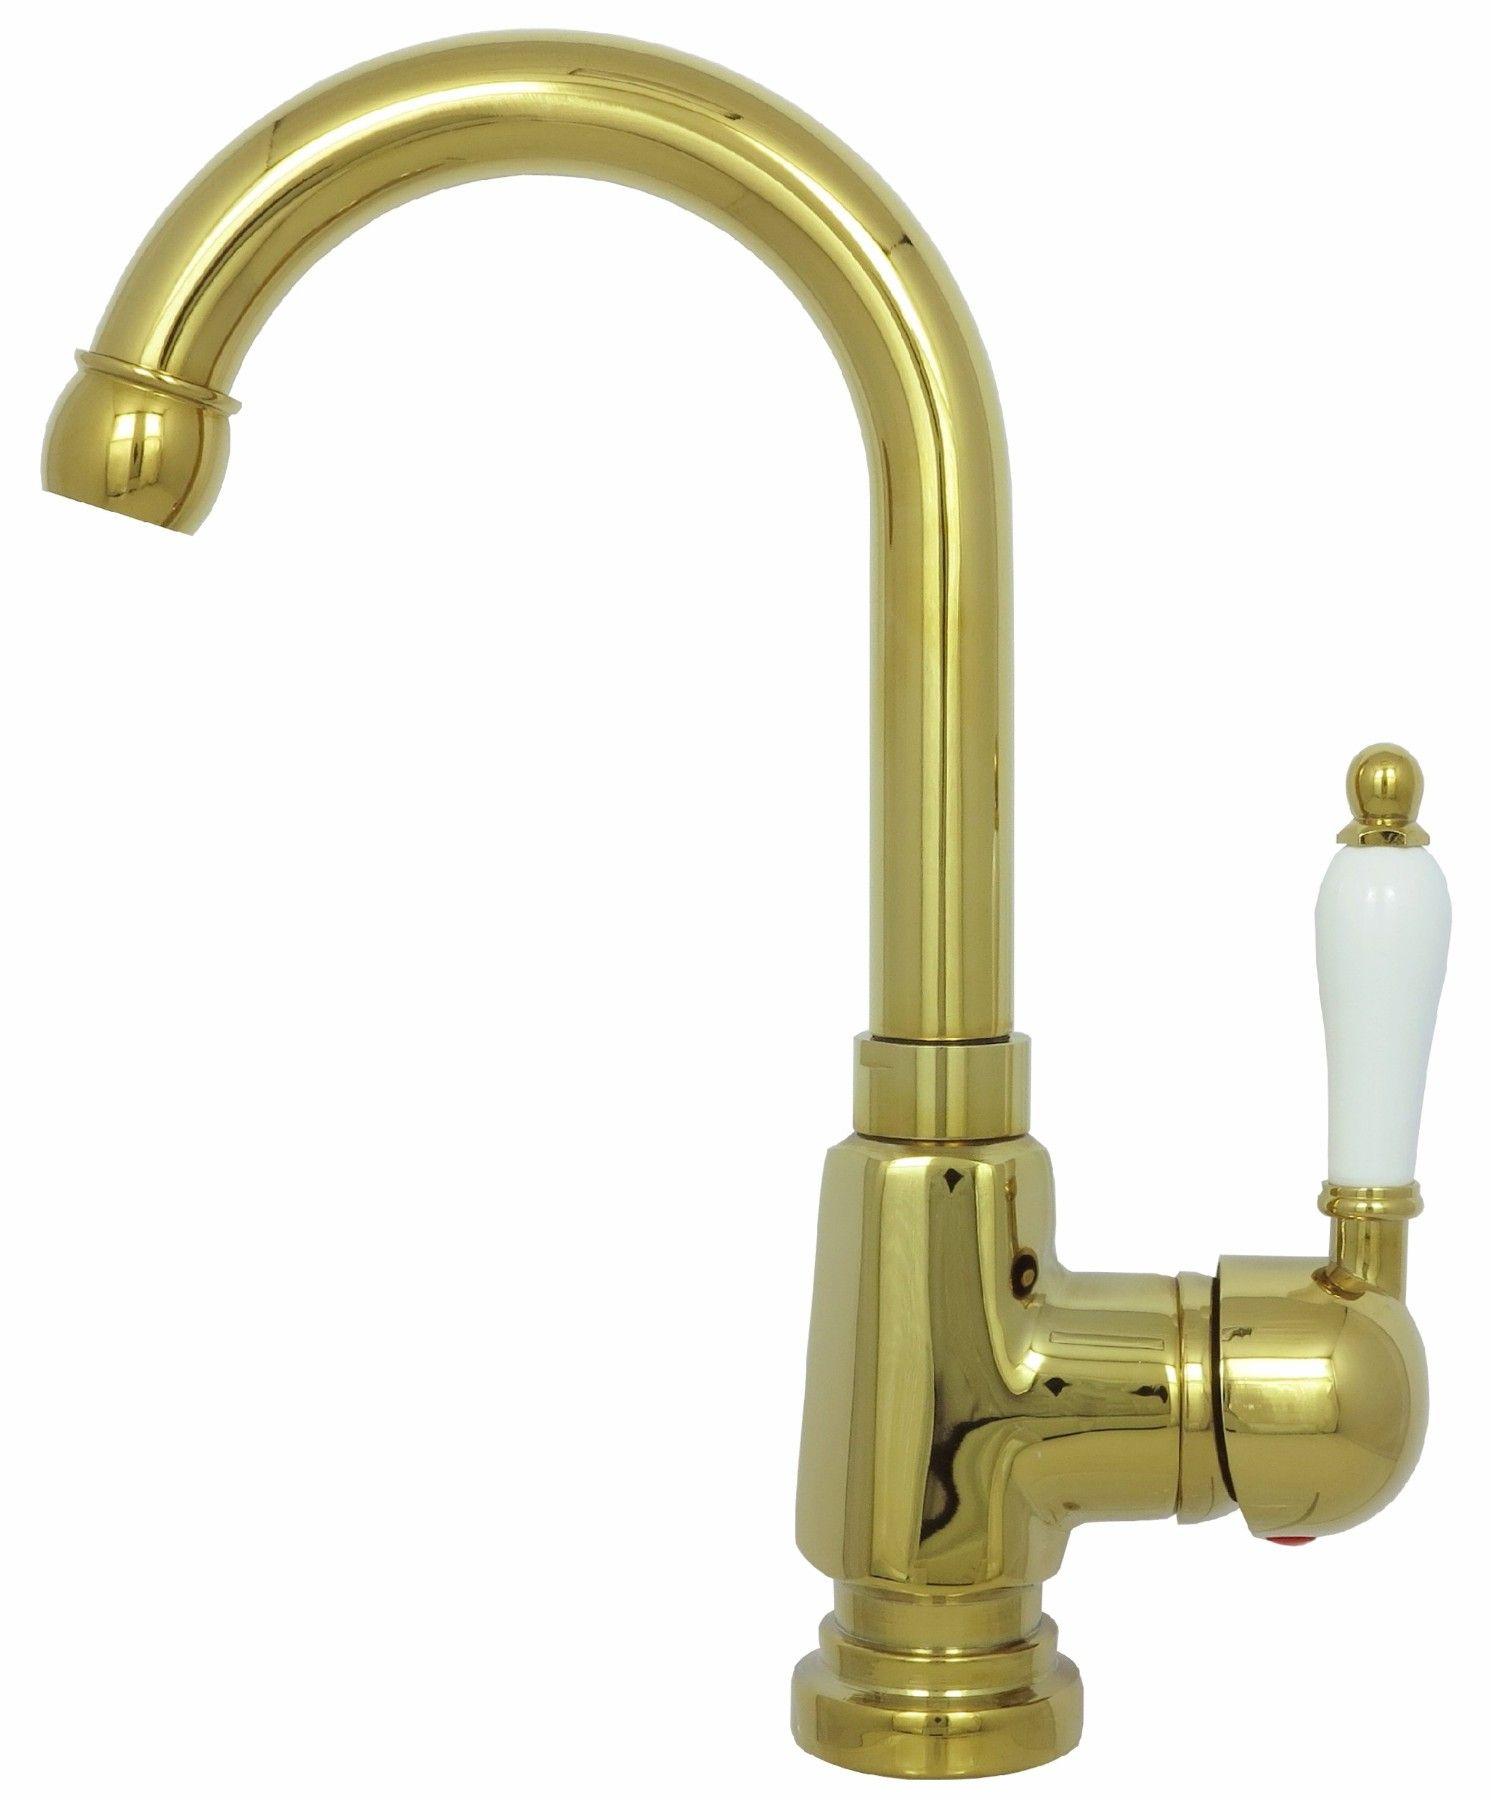 Lavandino bagno rubinetto miscelatore monocomando cucina - Rubinetteria retro bagno ...